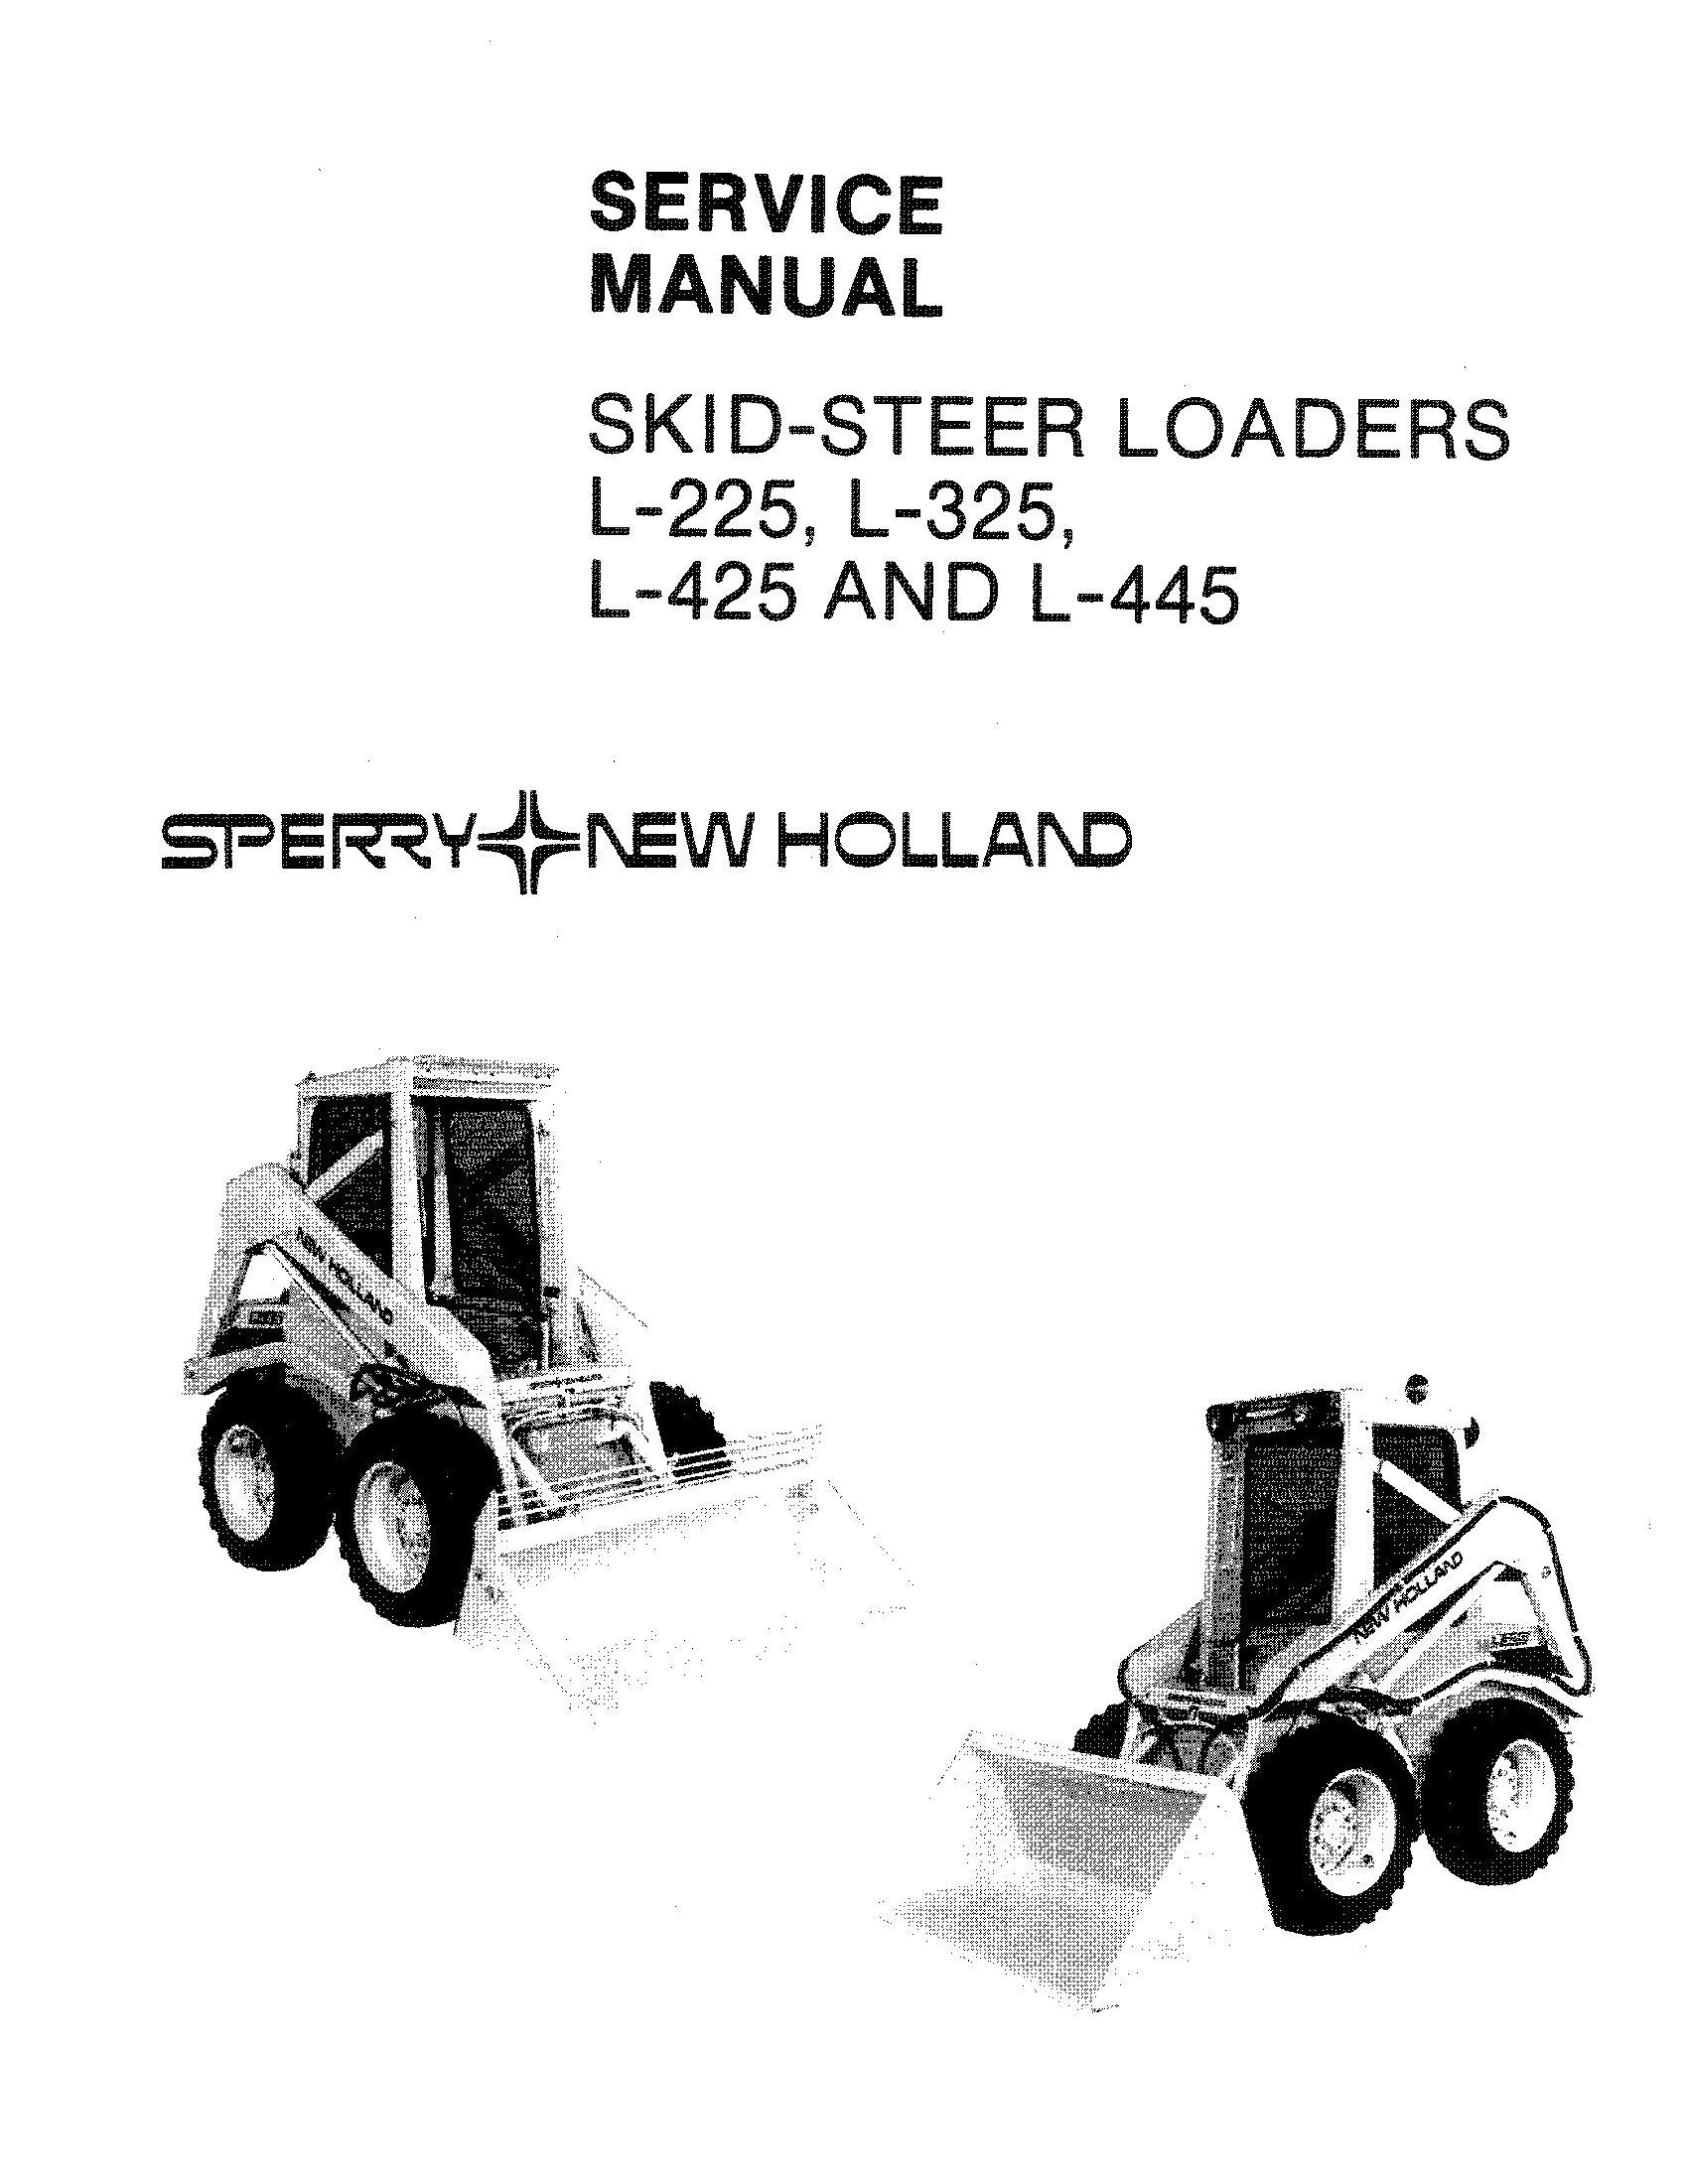 New Holland L225, L325, L425, L445 Skid Steer Loader